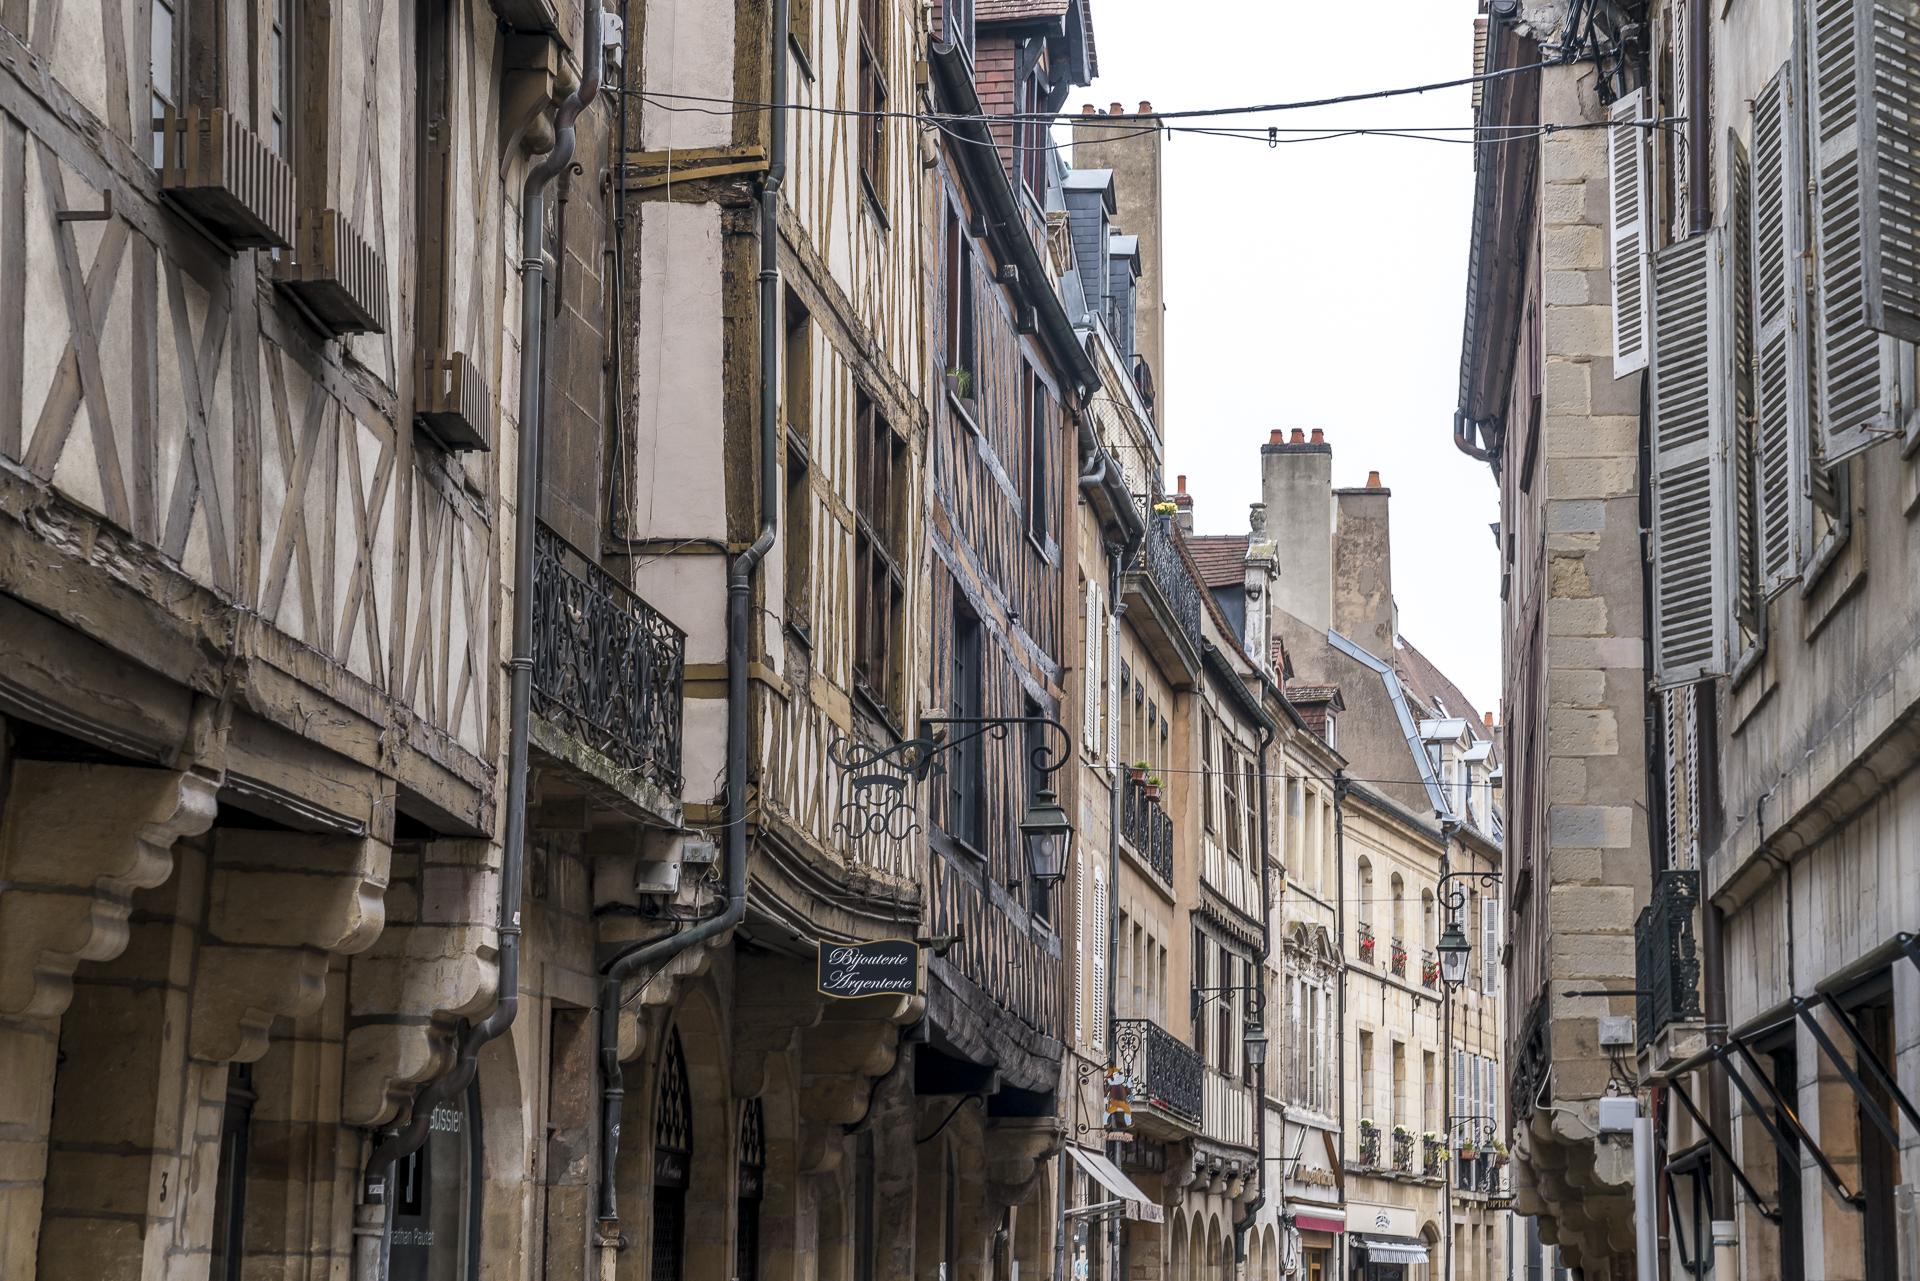 Rue Verrerie Dijon